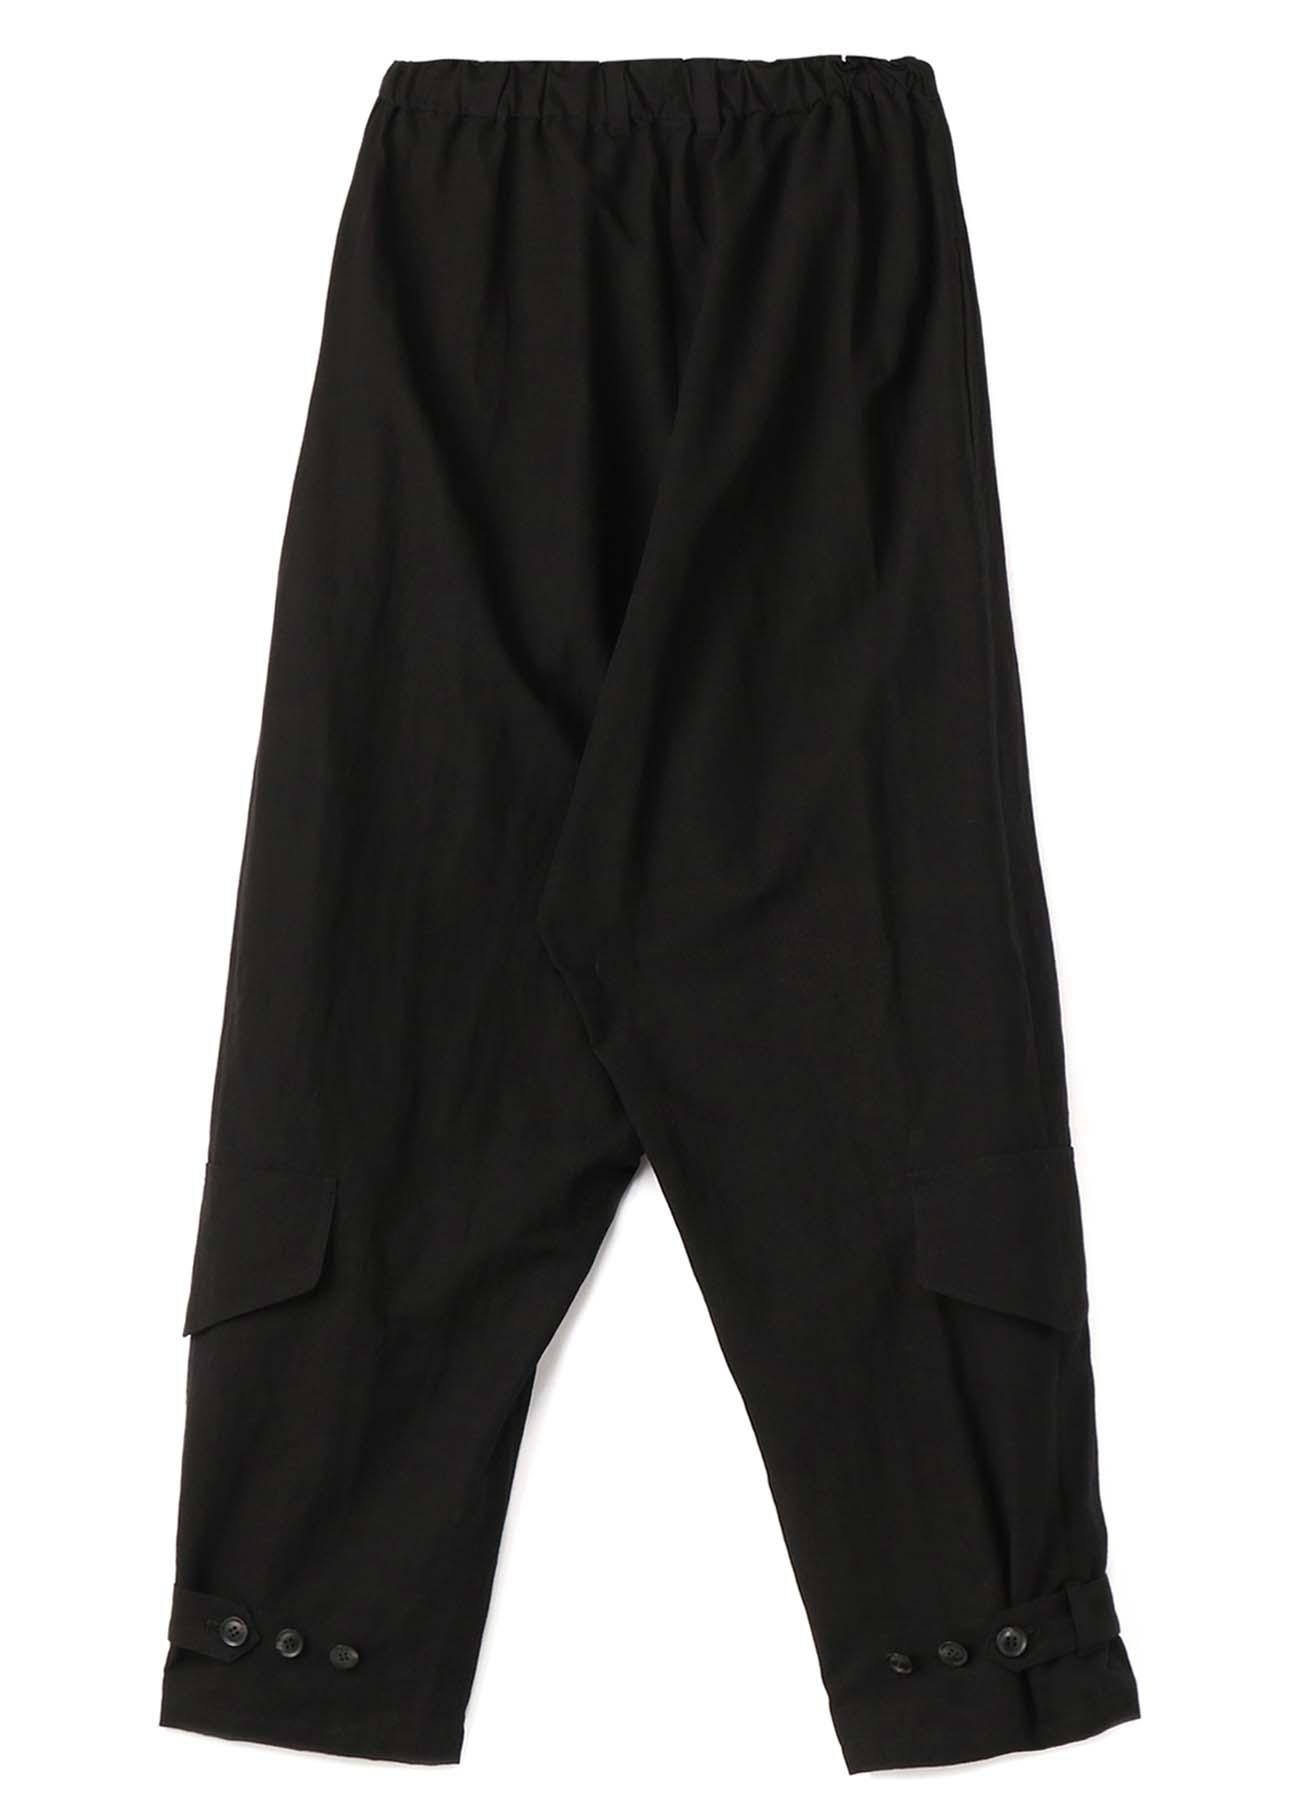 C/Li Poplin Hem Gather Pants